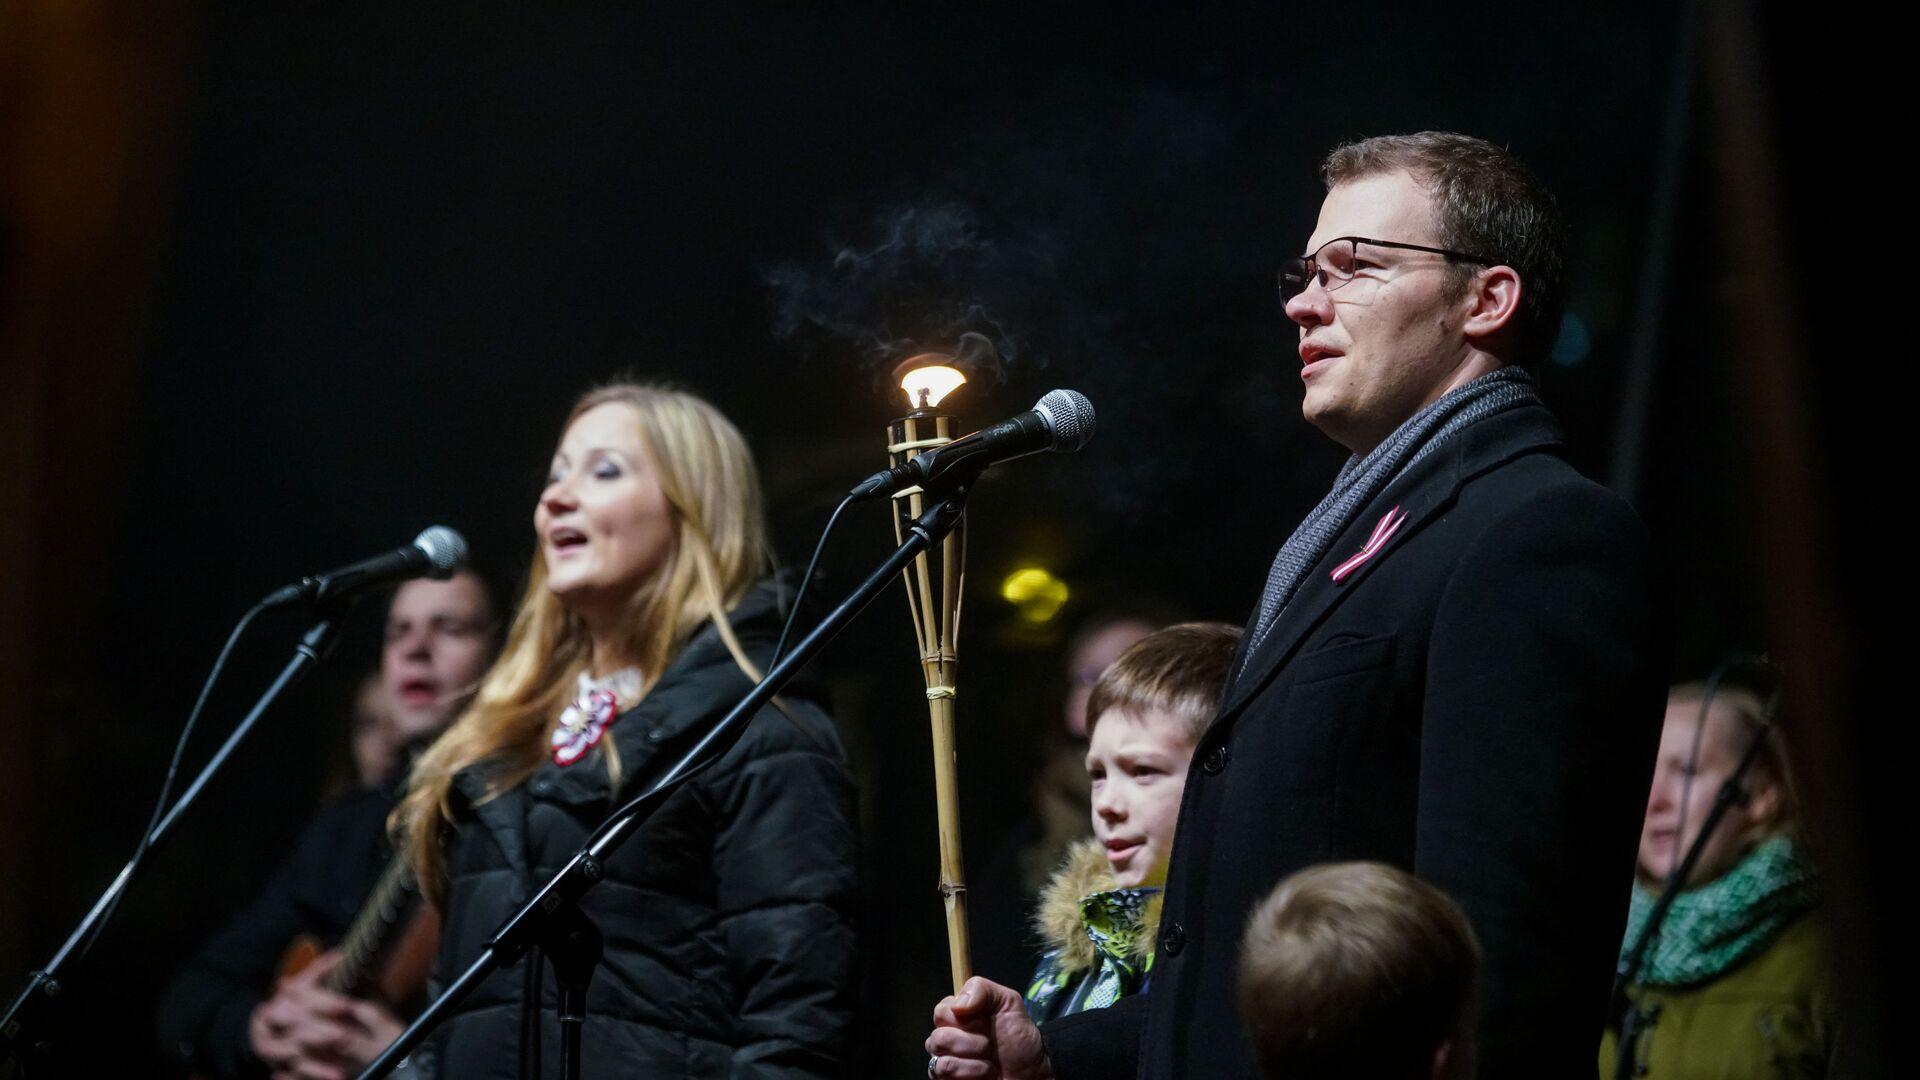 Лидер латвийского национального объединения «Всё для Латвии!» — «Отечеству и свободе/ДННЛ» Райвис Дзинтарс - Sputnik Латвия, 1920, 25.06.2021